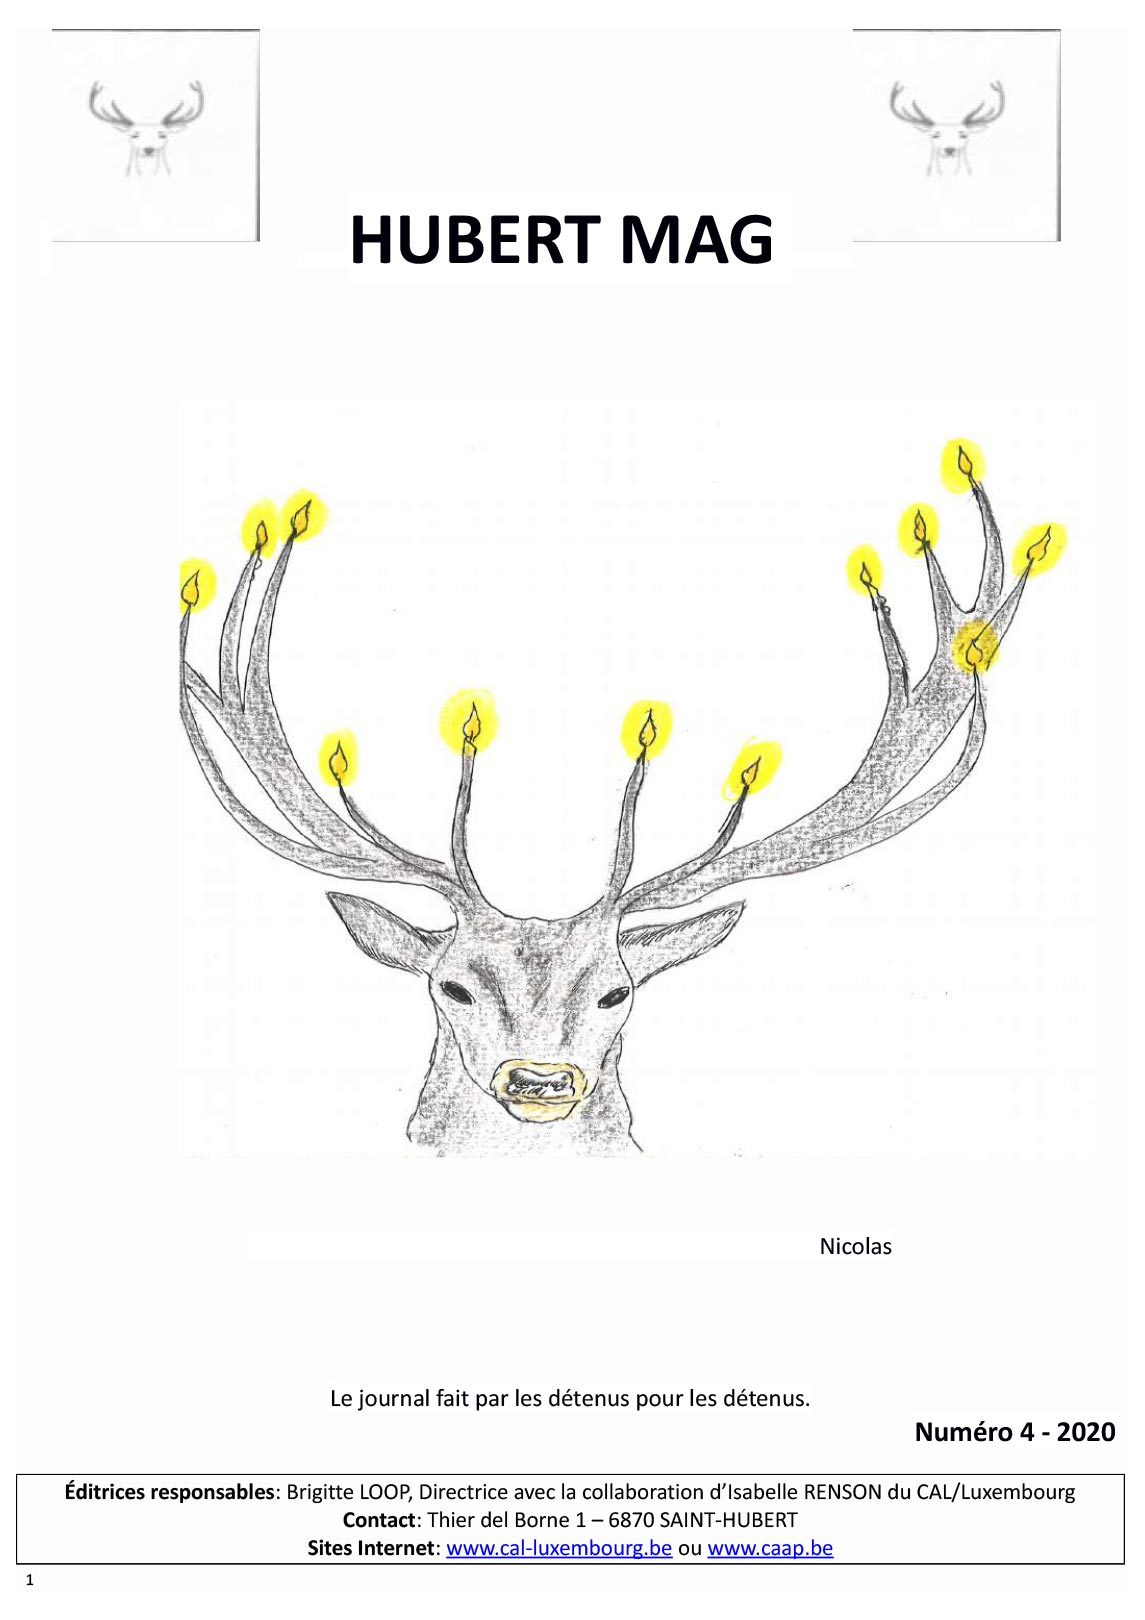 Consultez le Hubert Mag n°4 la dernière publication des détenus de St-Hubert